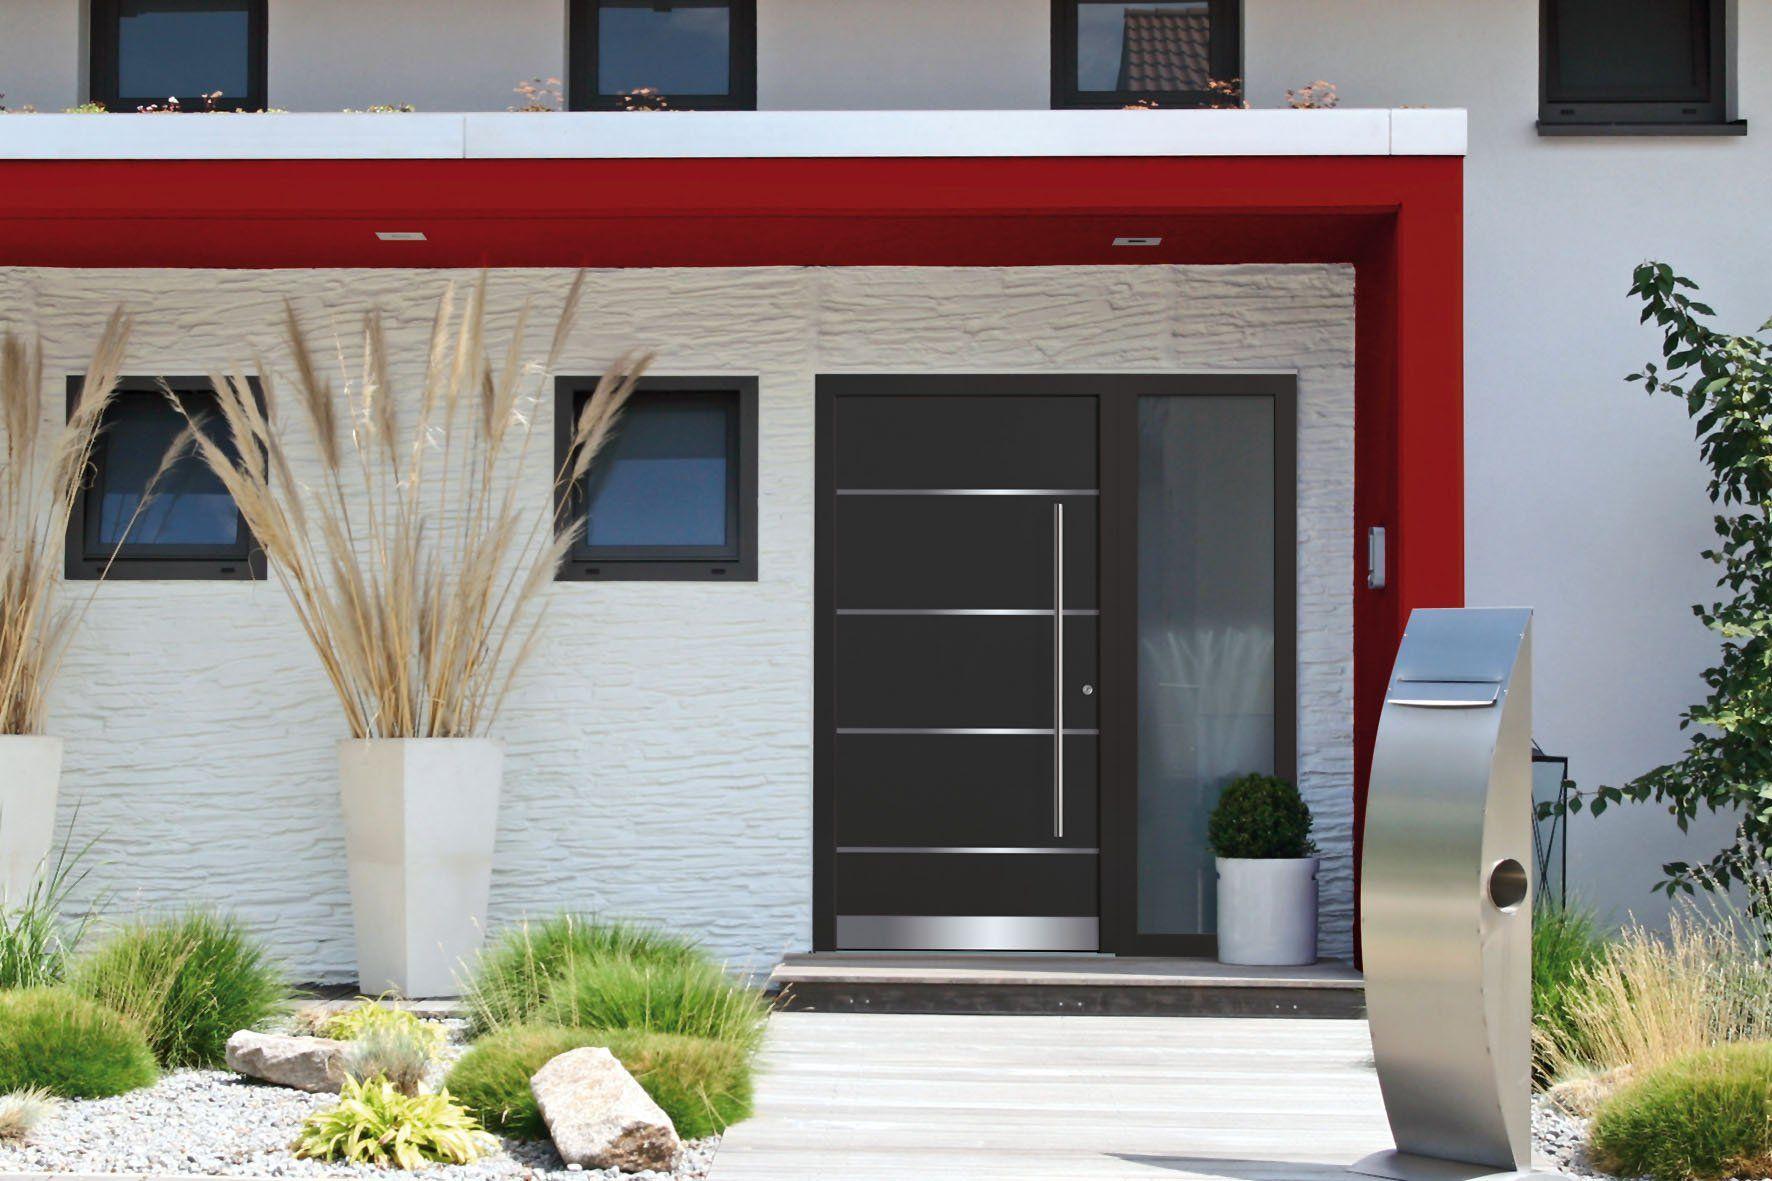 Haustüren aus neuen Verbundwerkstoffen halten buchstäblich dicht